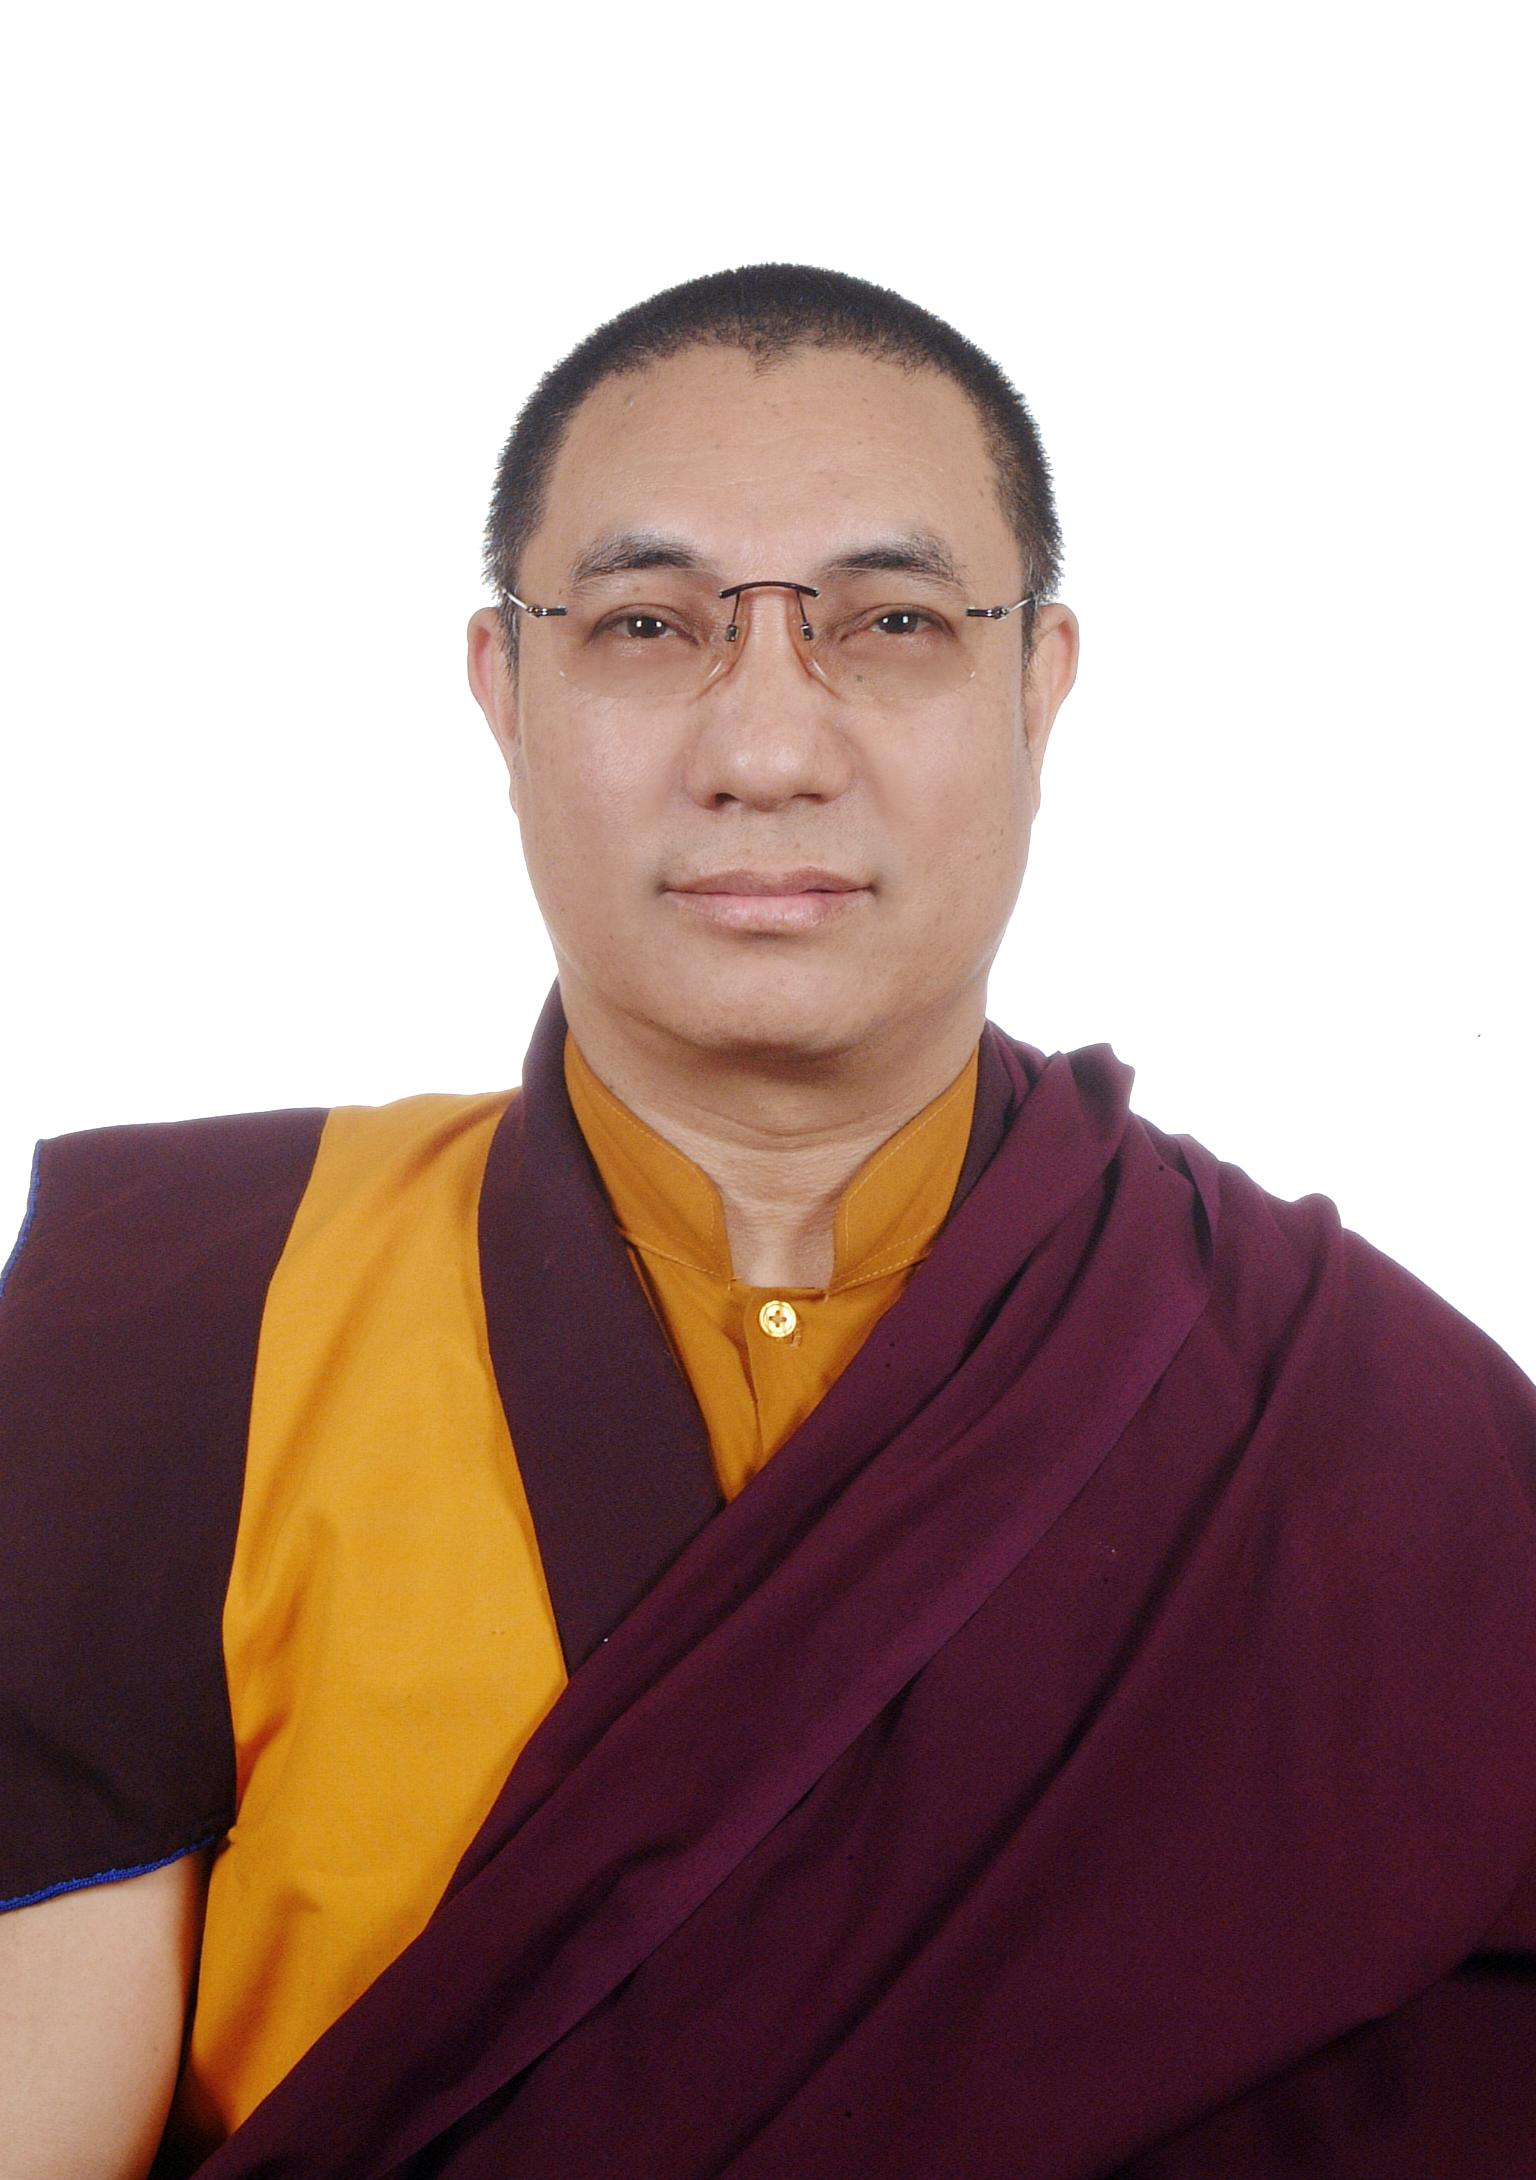 Khenpo Wangchuk Sonam - khenpo_wangchuk_sonam_lg